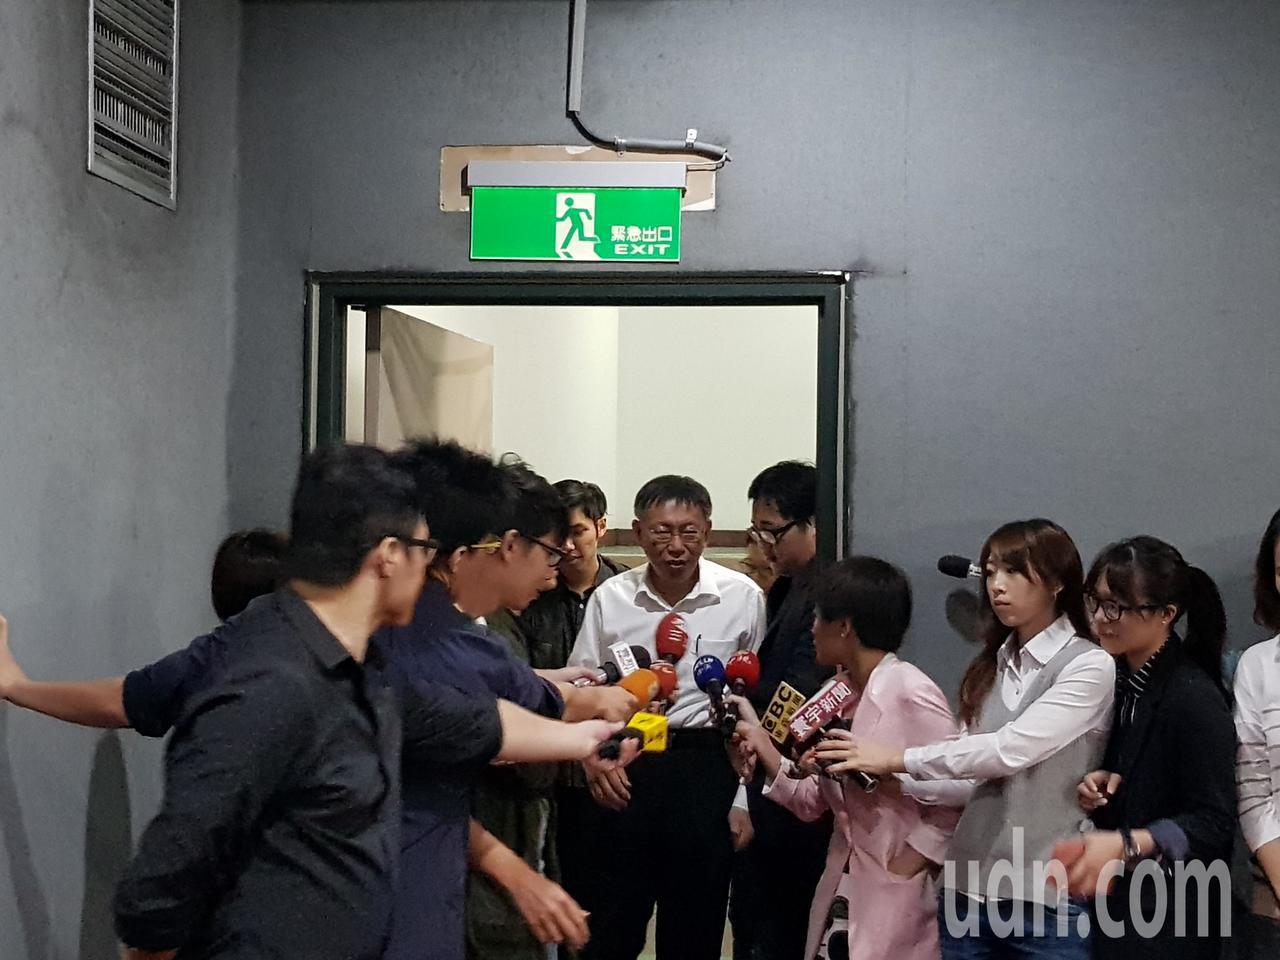 台北市長柯文哲今早參加交通會報前,剛走出樓梯間就拔腿快跑,閃避媒體進入會場,未回...